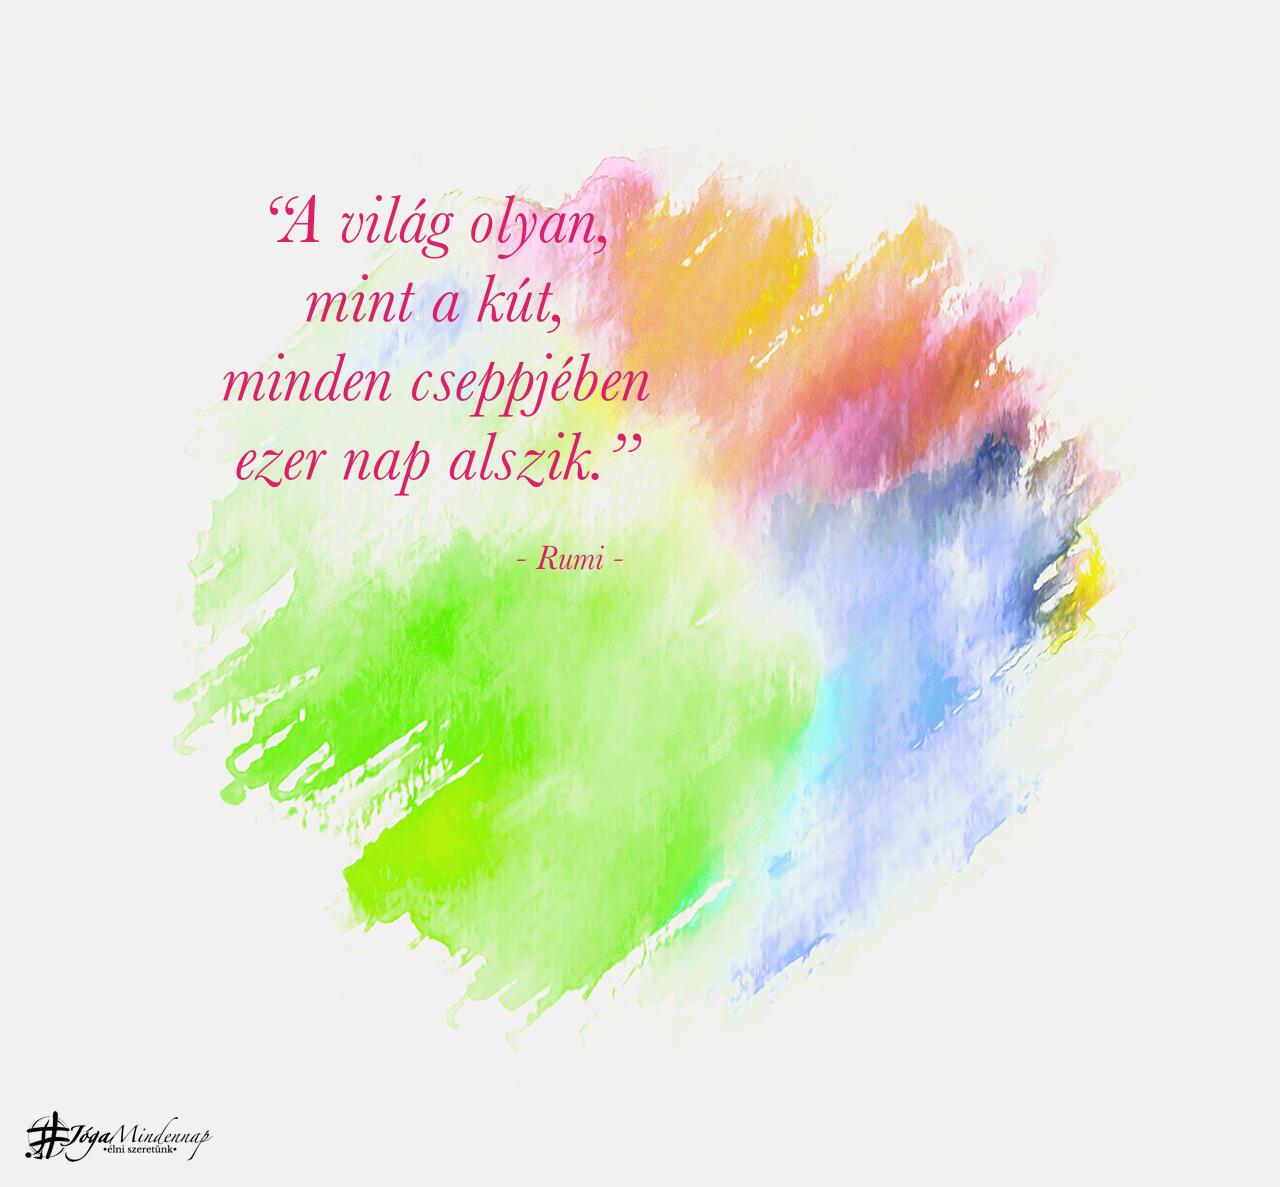 """""""A világ olyan, mint a kút, minden cseppjében ezer nap alszik."""" - Rumi idézet - Jóga Mindennap meditáció motiváció megerősítés"""